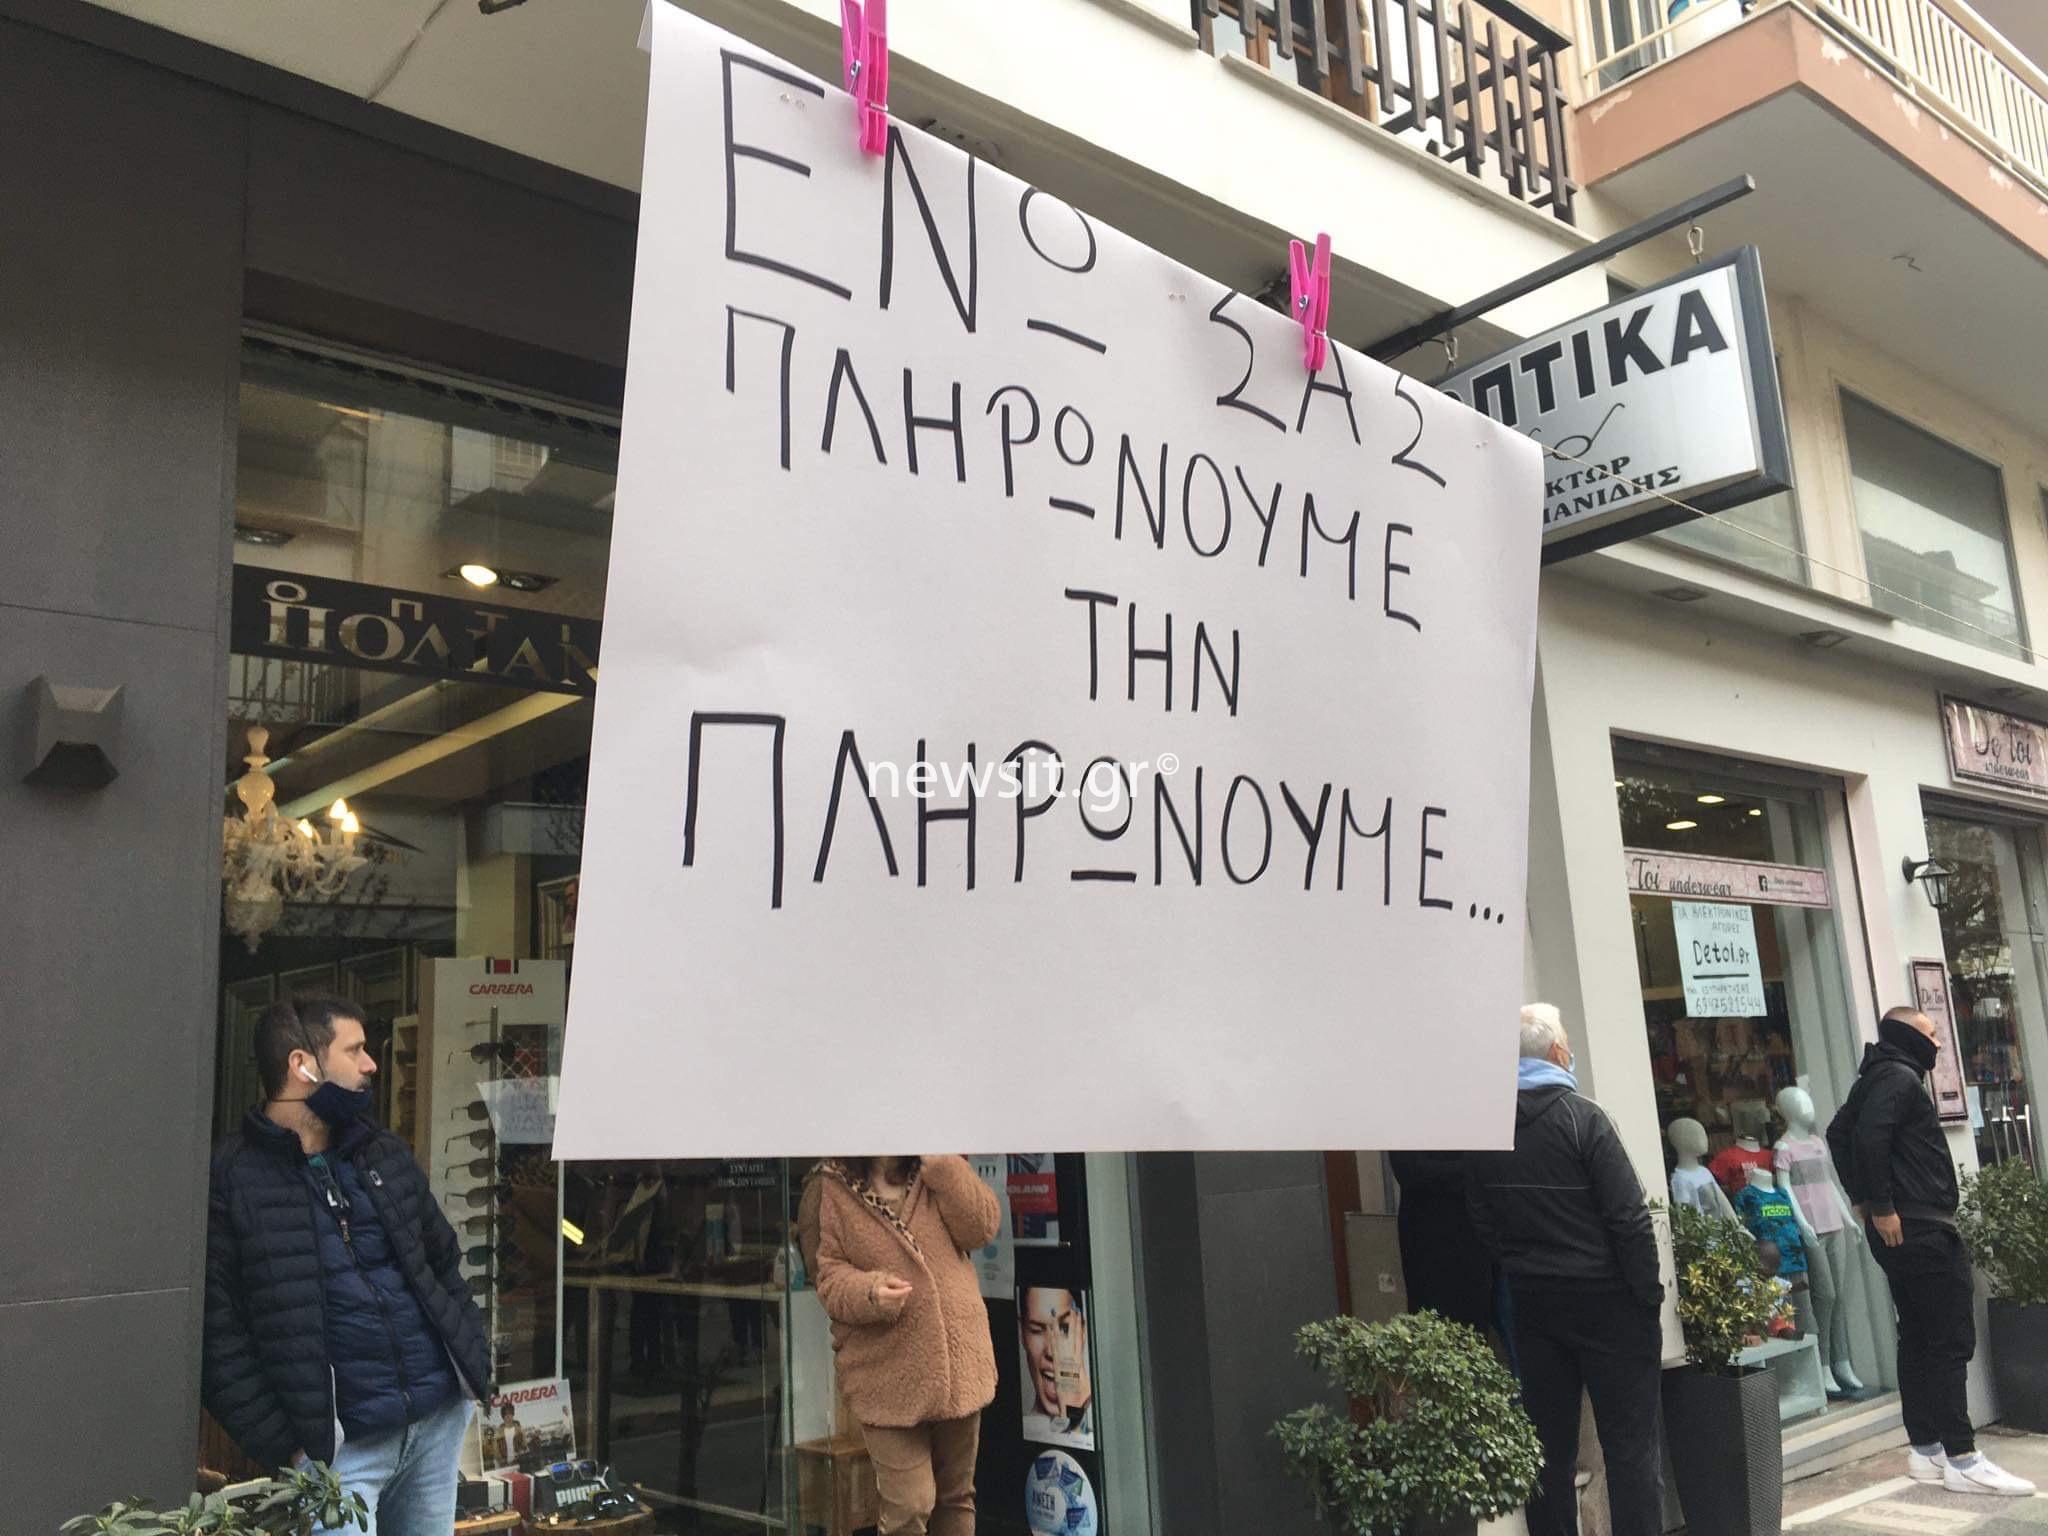 Πολίχνη: Άναψαν τα φώτα στα καταστήματα και κρέμασαν μαύρα πανιά (pics)